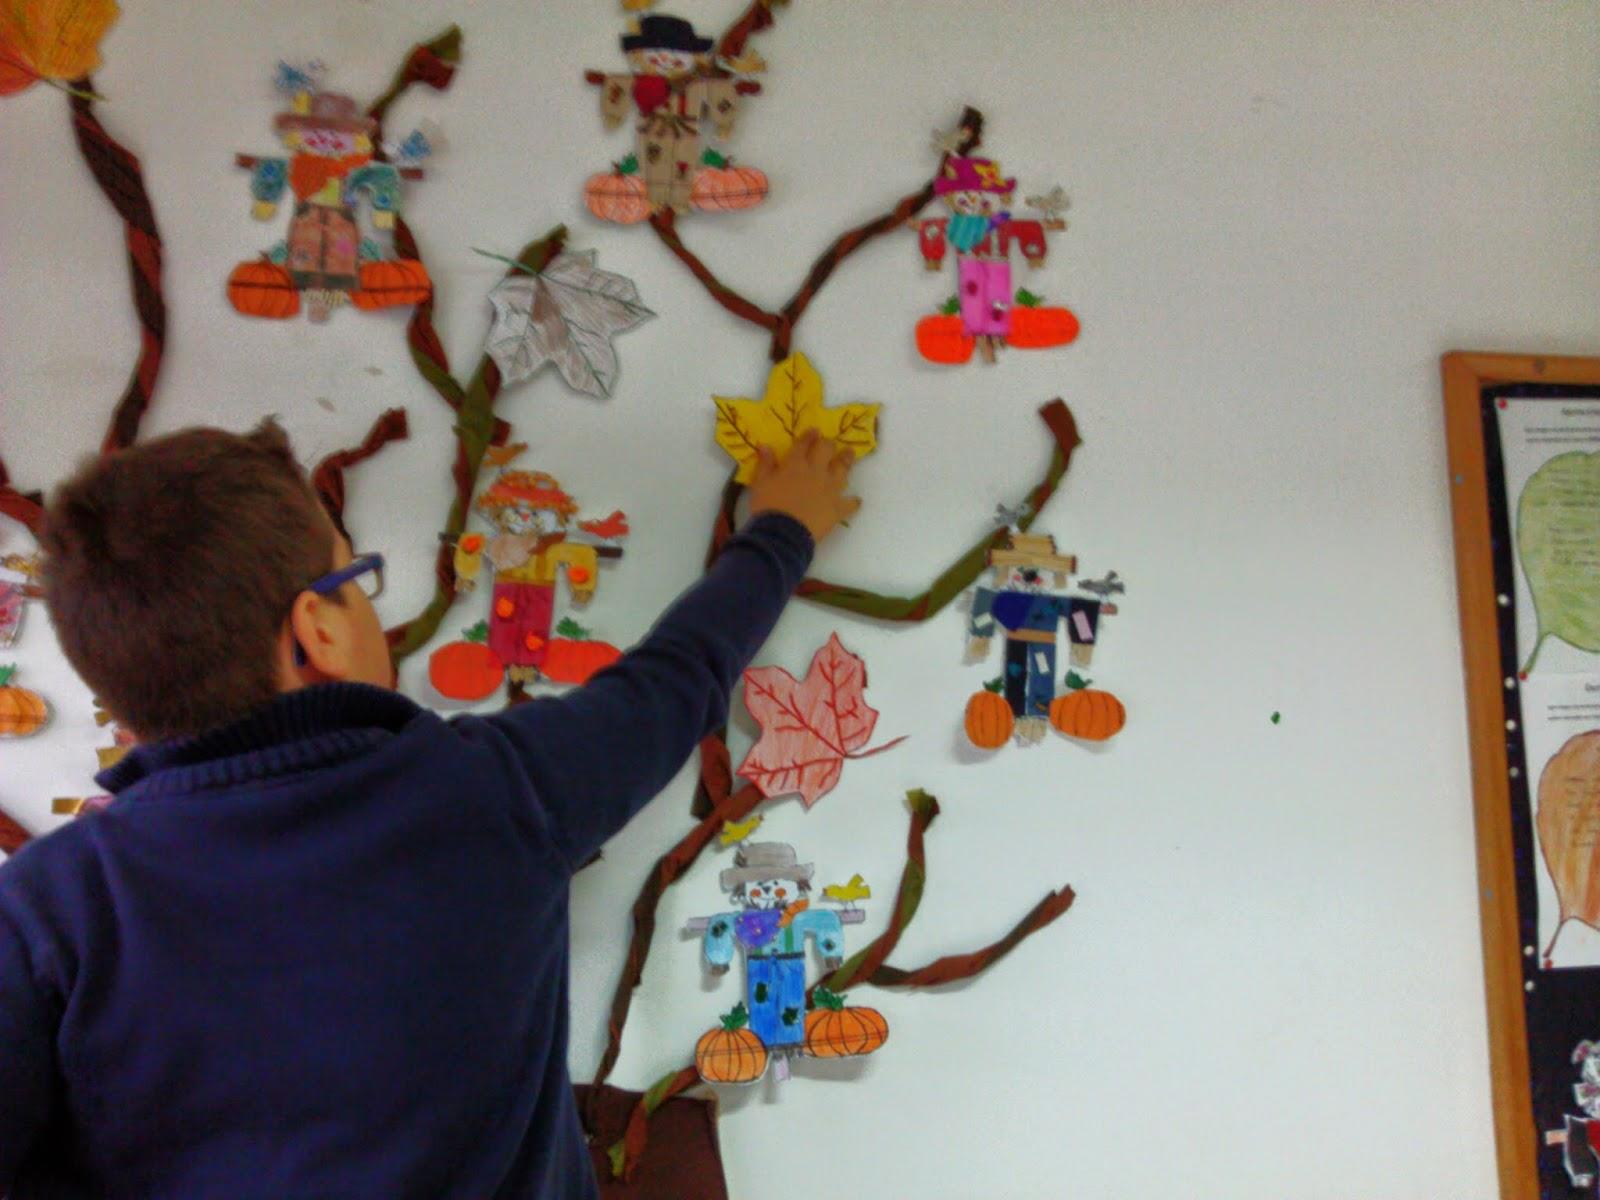 Sala M Gica Eb De S Jorge Fafe Painel De Outono -> Como Decorar Parede De Sala Com Material Reciclados